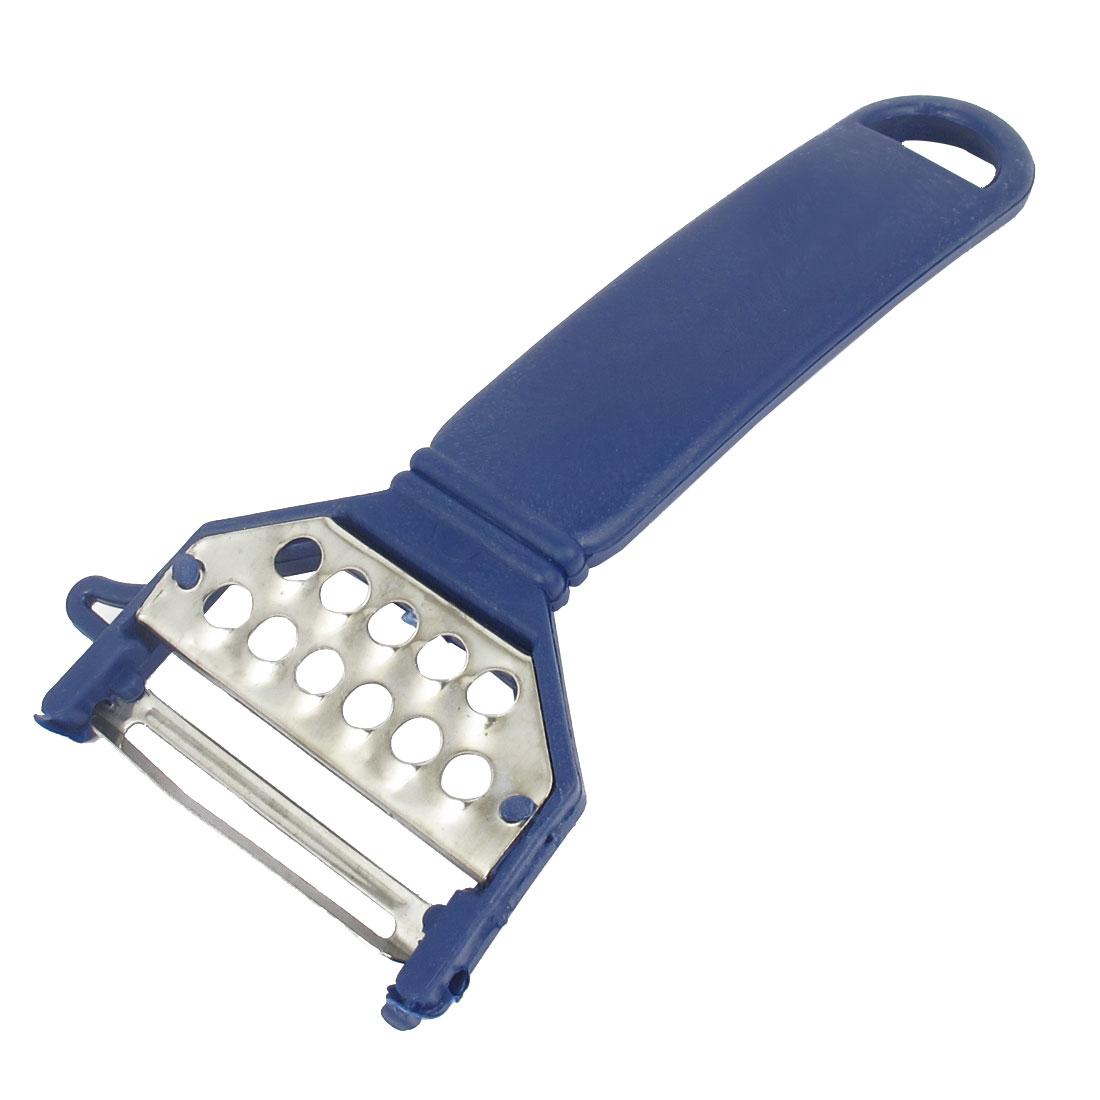 Kitchen Plastic Grip Vegetable Fruit Potato Peeler Parer Slicer Peeling Cutter Tool Blue